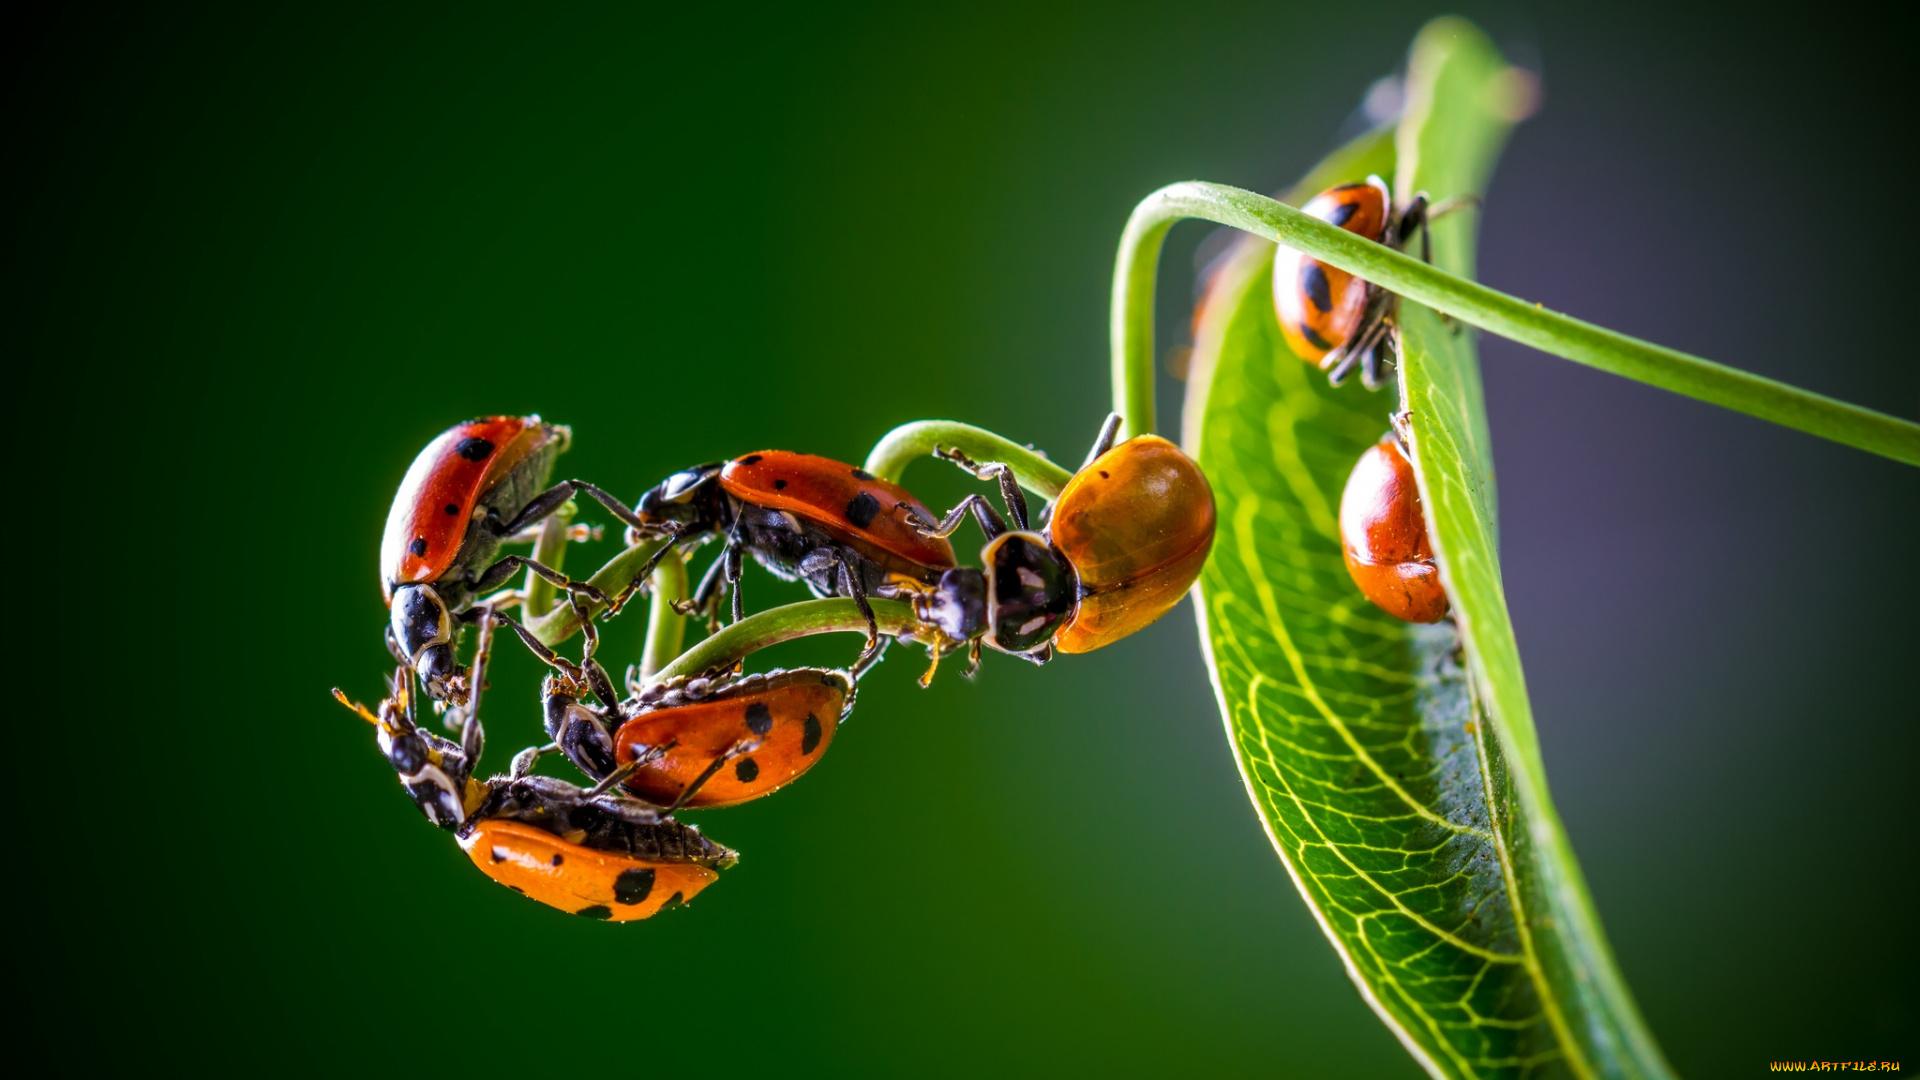 природа божья коровка цветок макро насекомое животное  № 3856264 загрузить